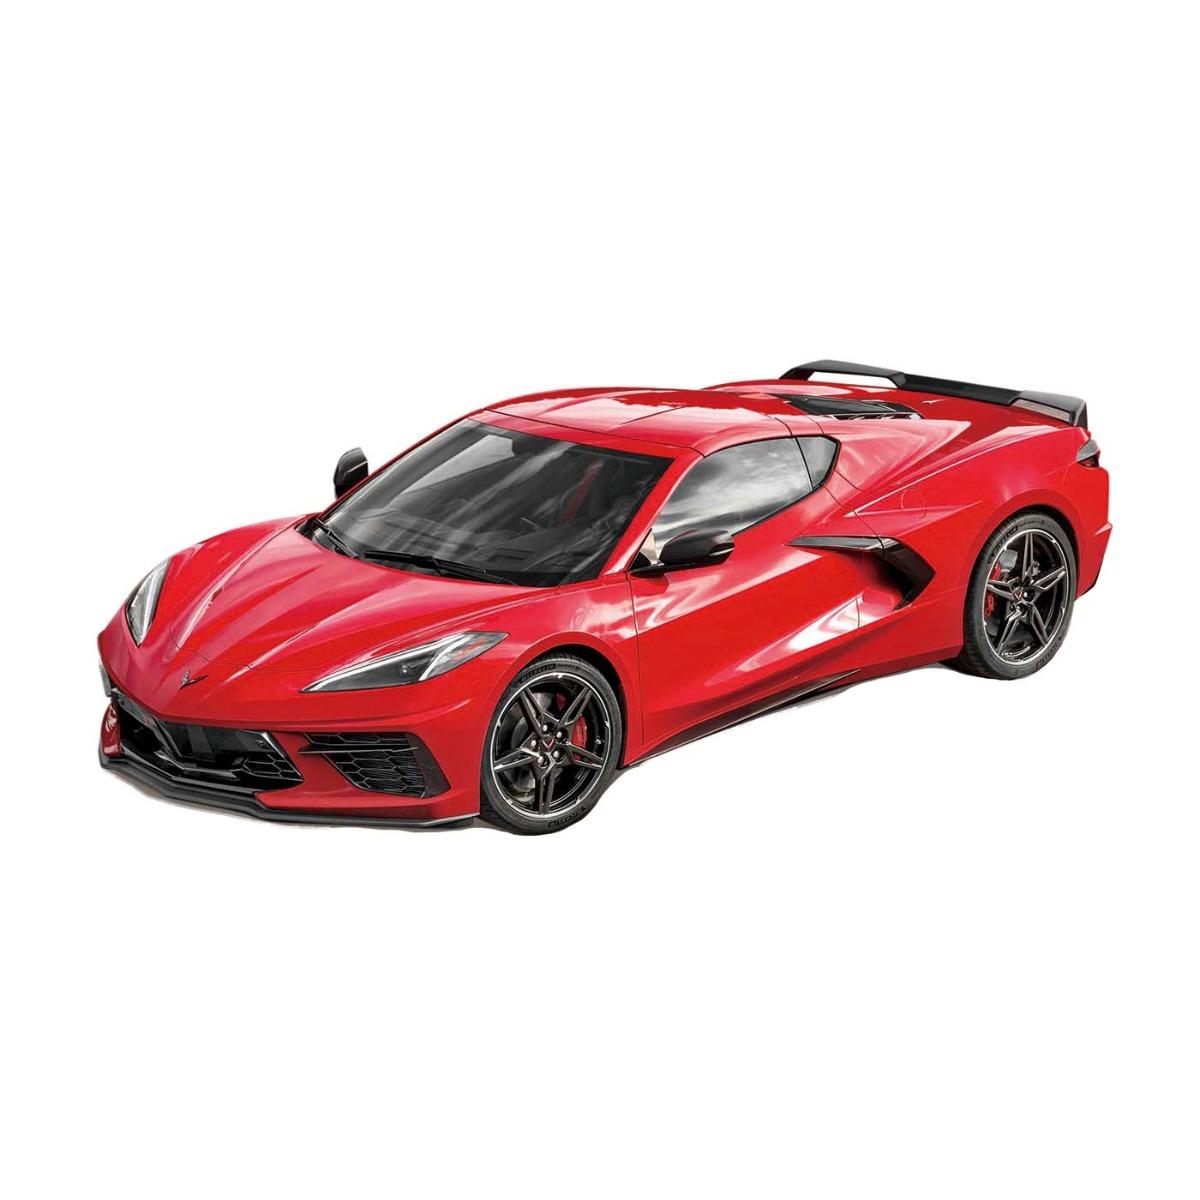 Masinuta Maisto Chevrolet Corvette Stingray Coupe 2020. 1:18. Rosu